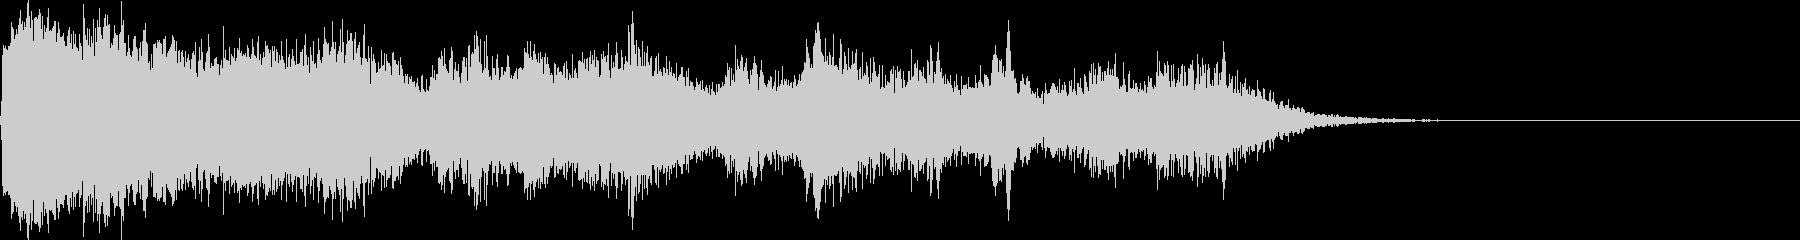 リアルな魔法の詠唱音、発動音、効果音。の未再生の波形